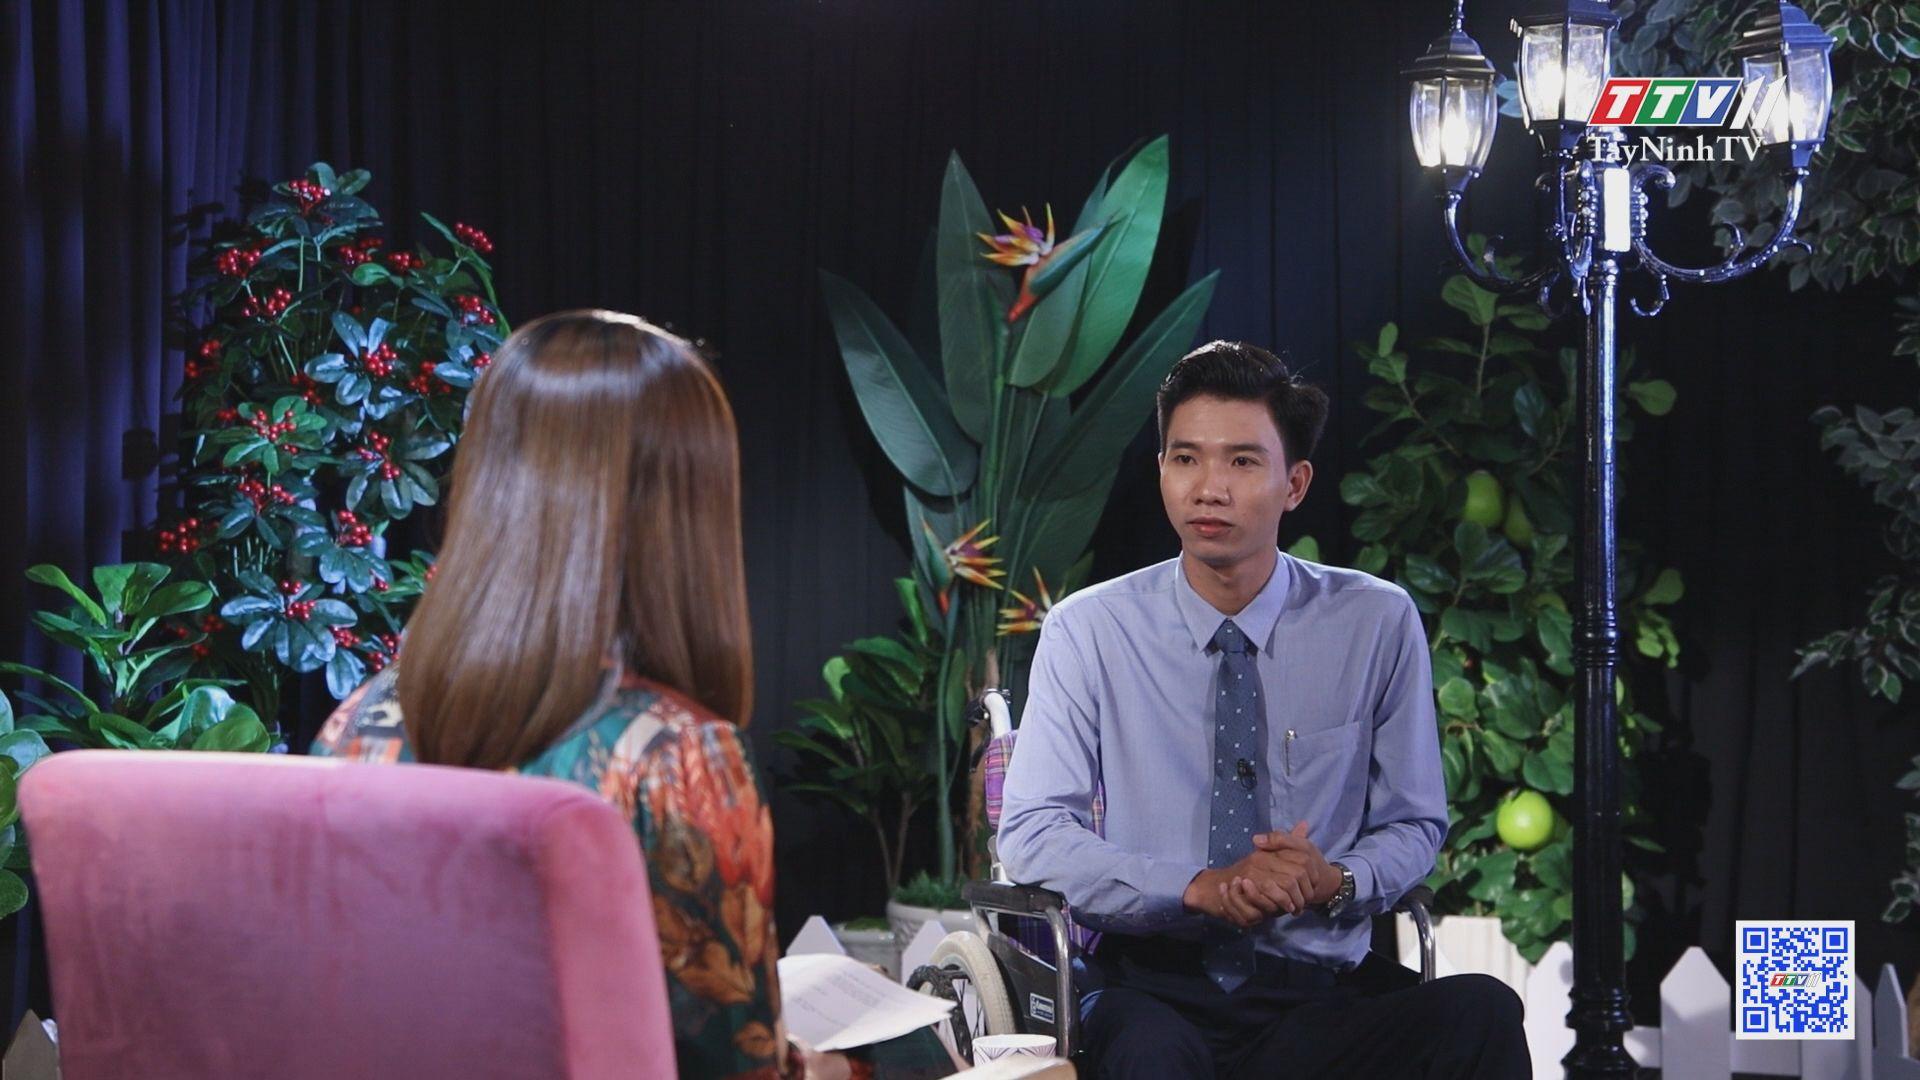 Tập 18 năm 2021_Cát Tường xúc động trước hành trình vượt qua cửa tử của thạc sĩ tâm lý Đặng Hoàng An | HẠNH PHÚC Ở ĐÂU | TayNinhTV